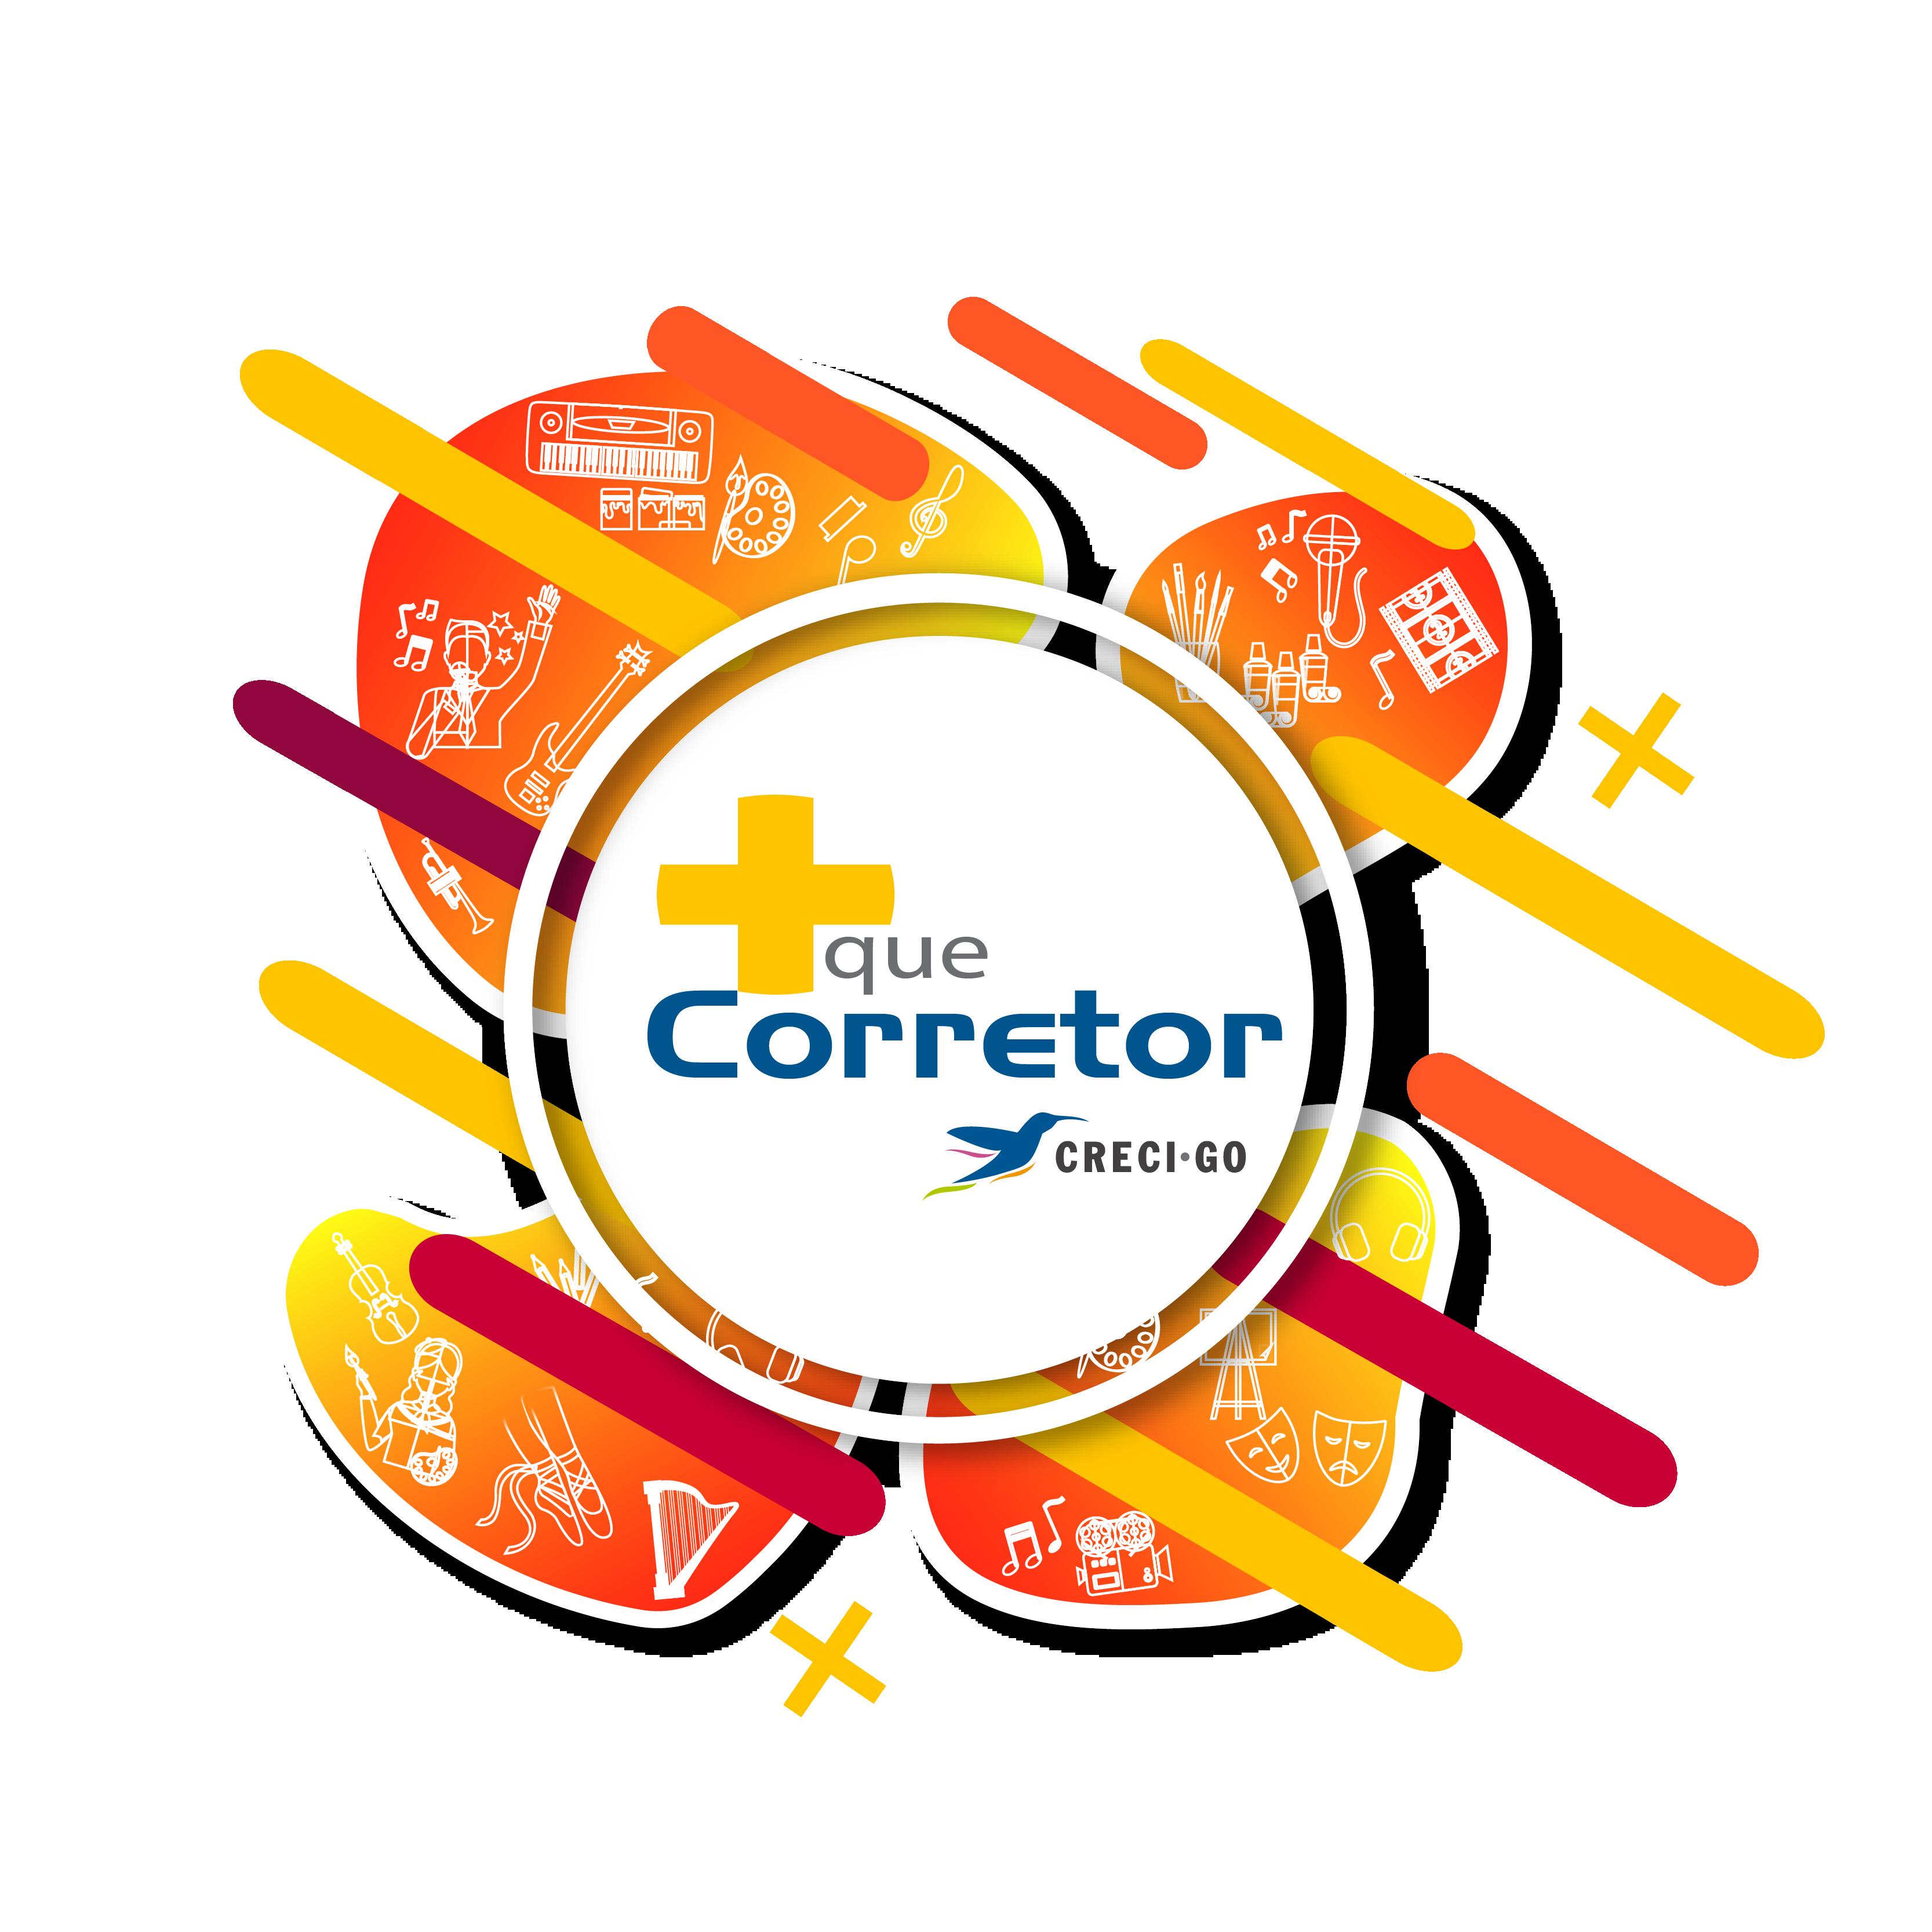 Projeto do CRECI-GO visa incentivar a cultura | CRECI-GO/ Conselho Regional de Corretores de Imóveis de Goiás